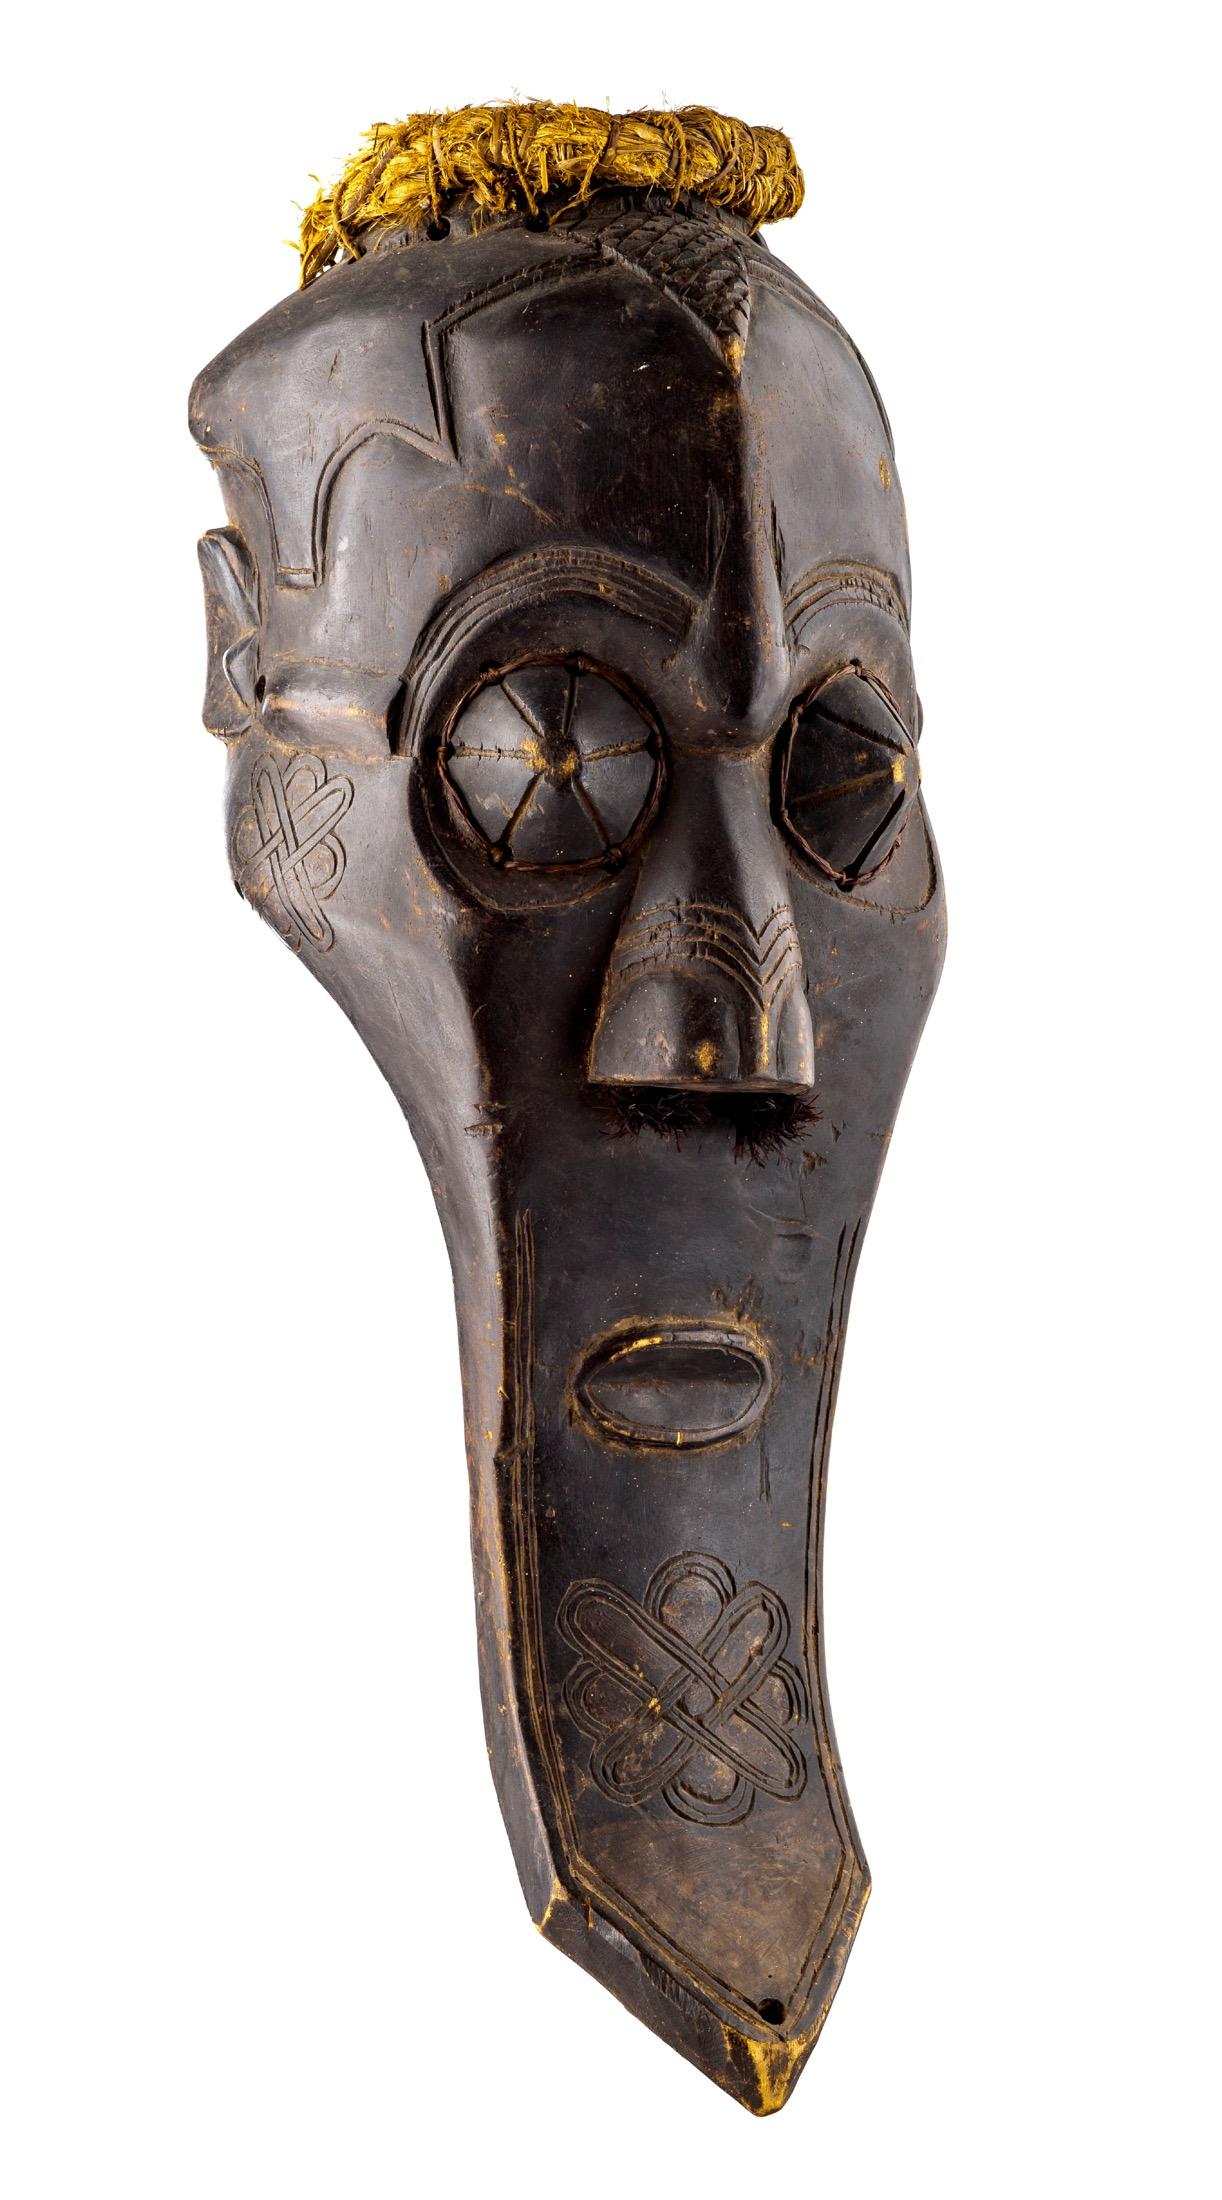 Kuba Mask, Congo